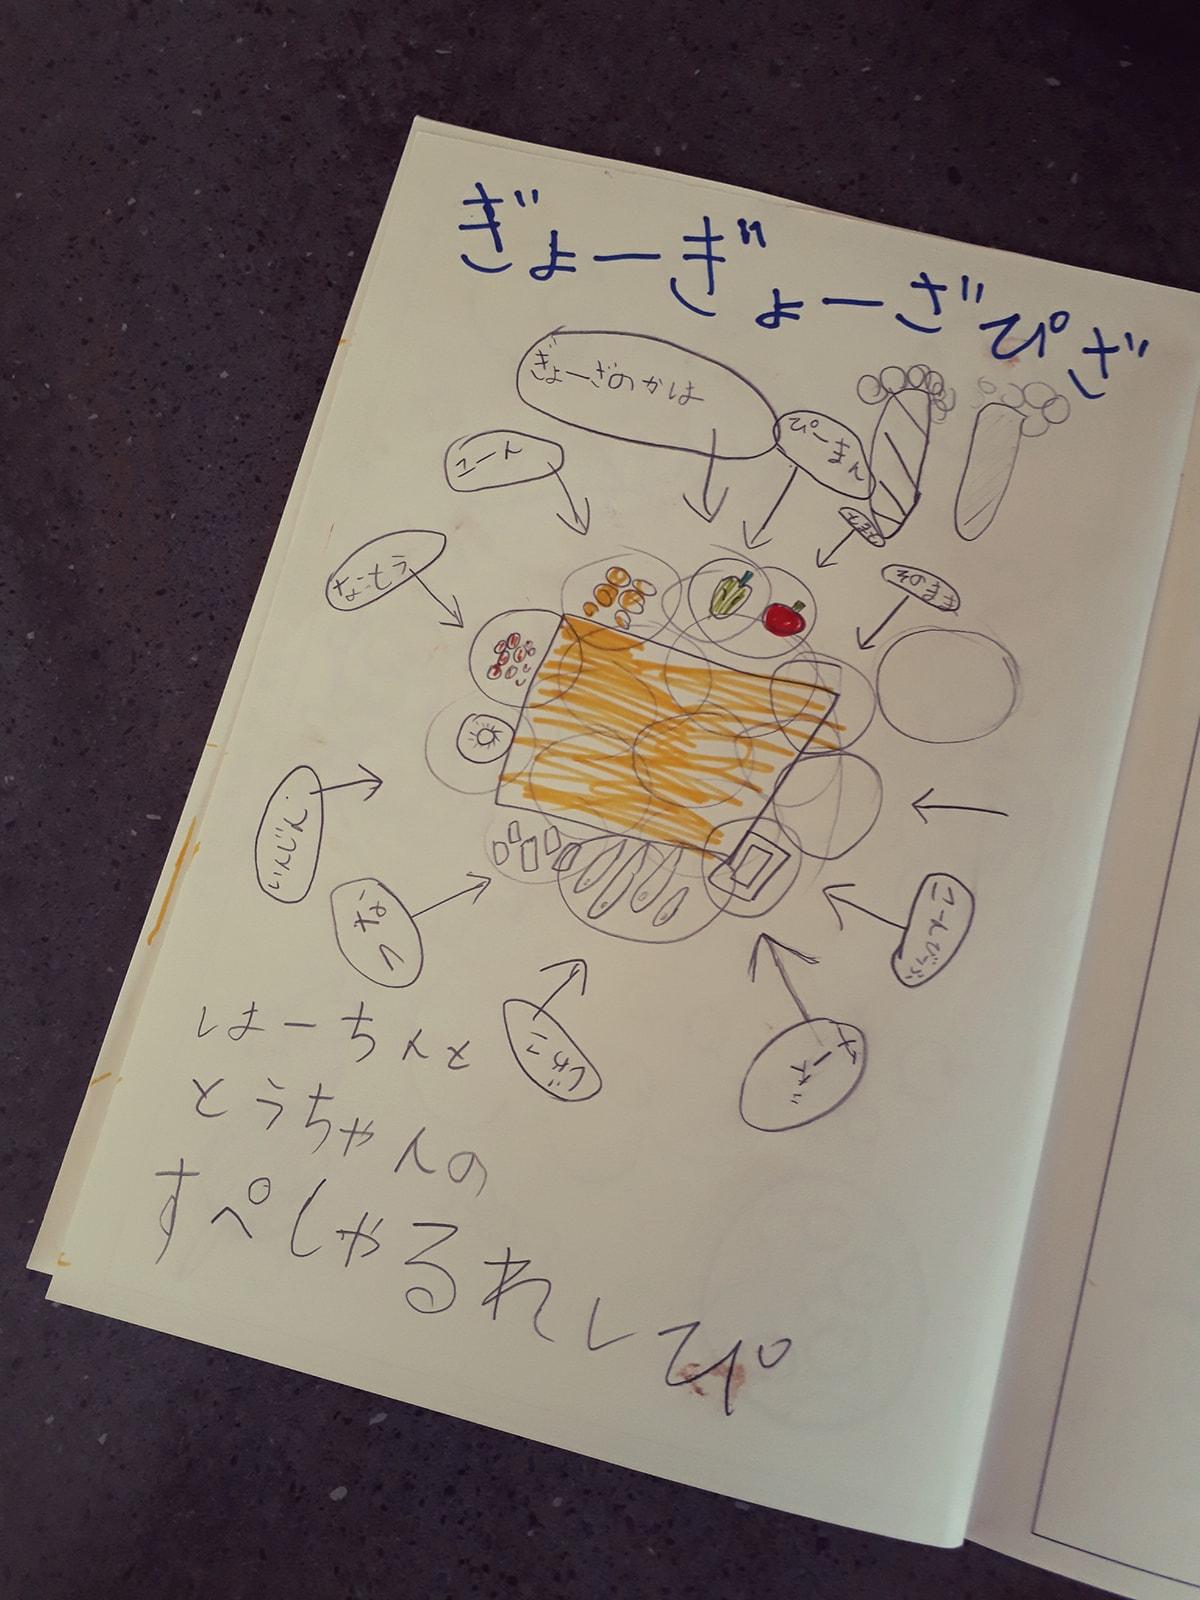 第37回:tupera tupera 中川敦子より<br />夫婦は「のほほんマイペース派」と「しっかりもの派」に分かれる?